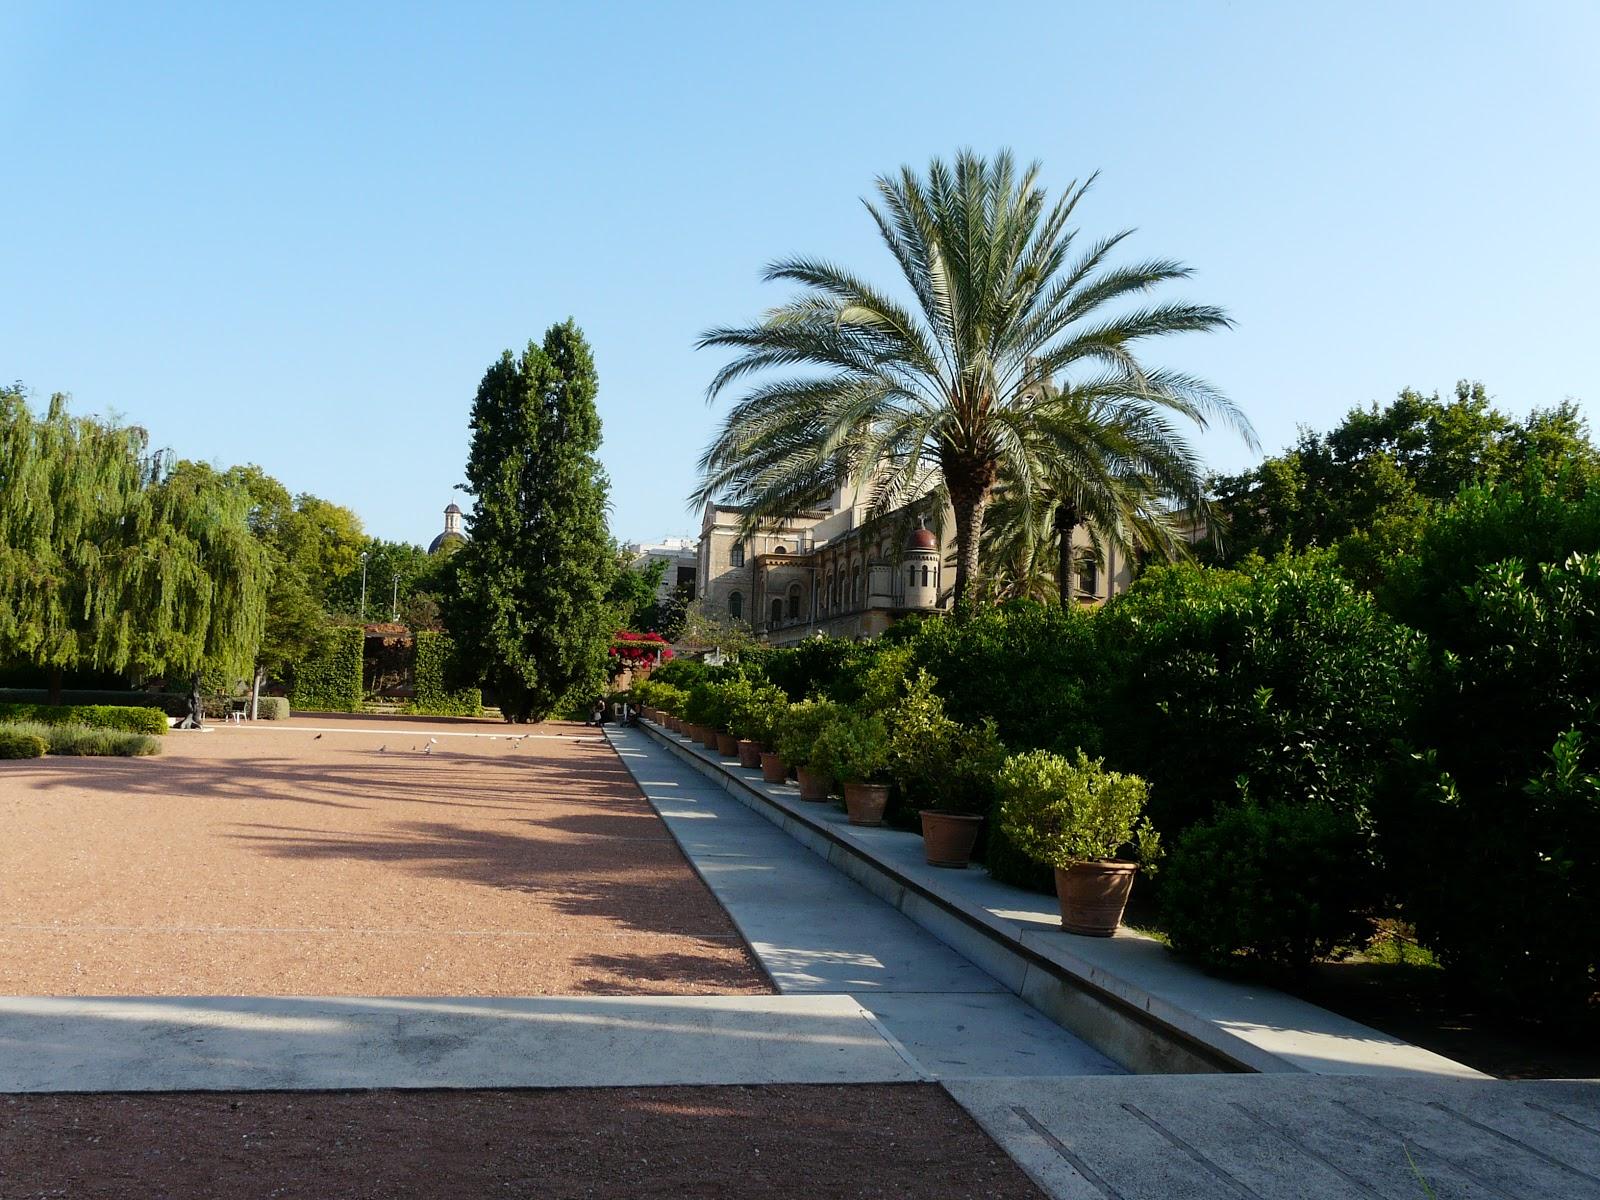 El jard n de las hesp rides en valencia agenda roja valencia for Jardin hesperides